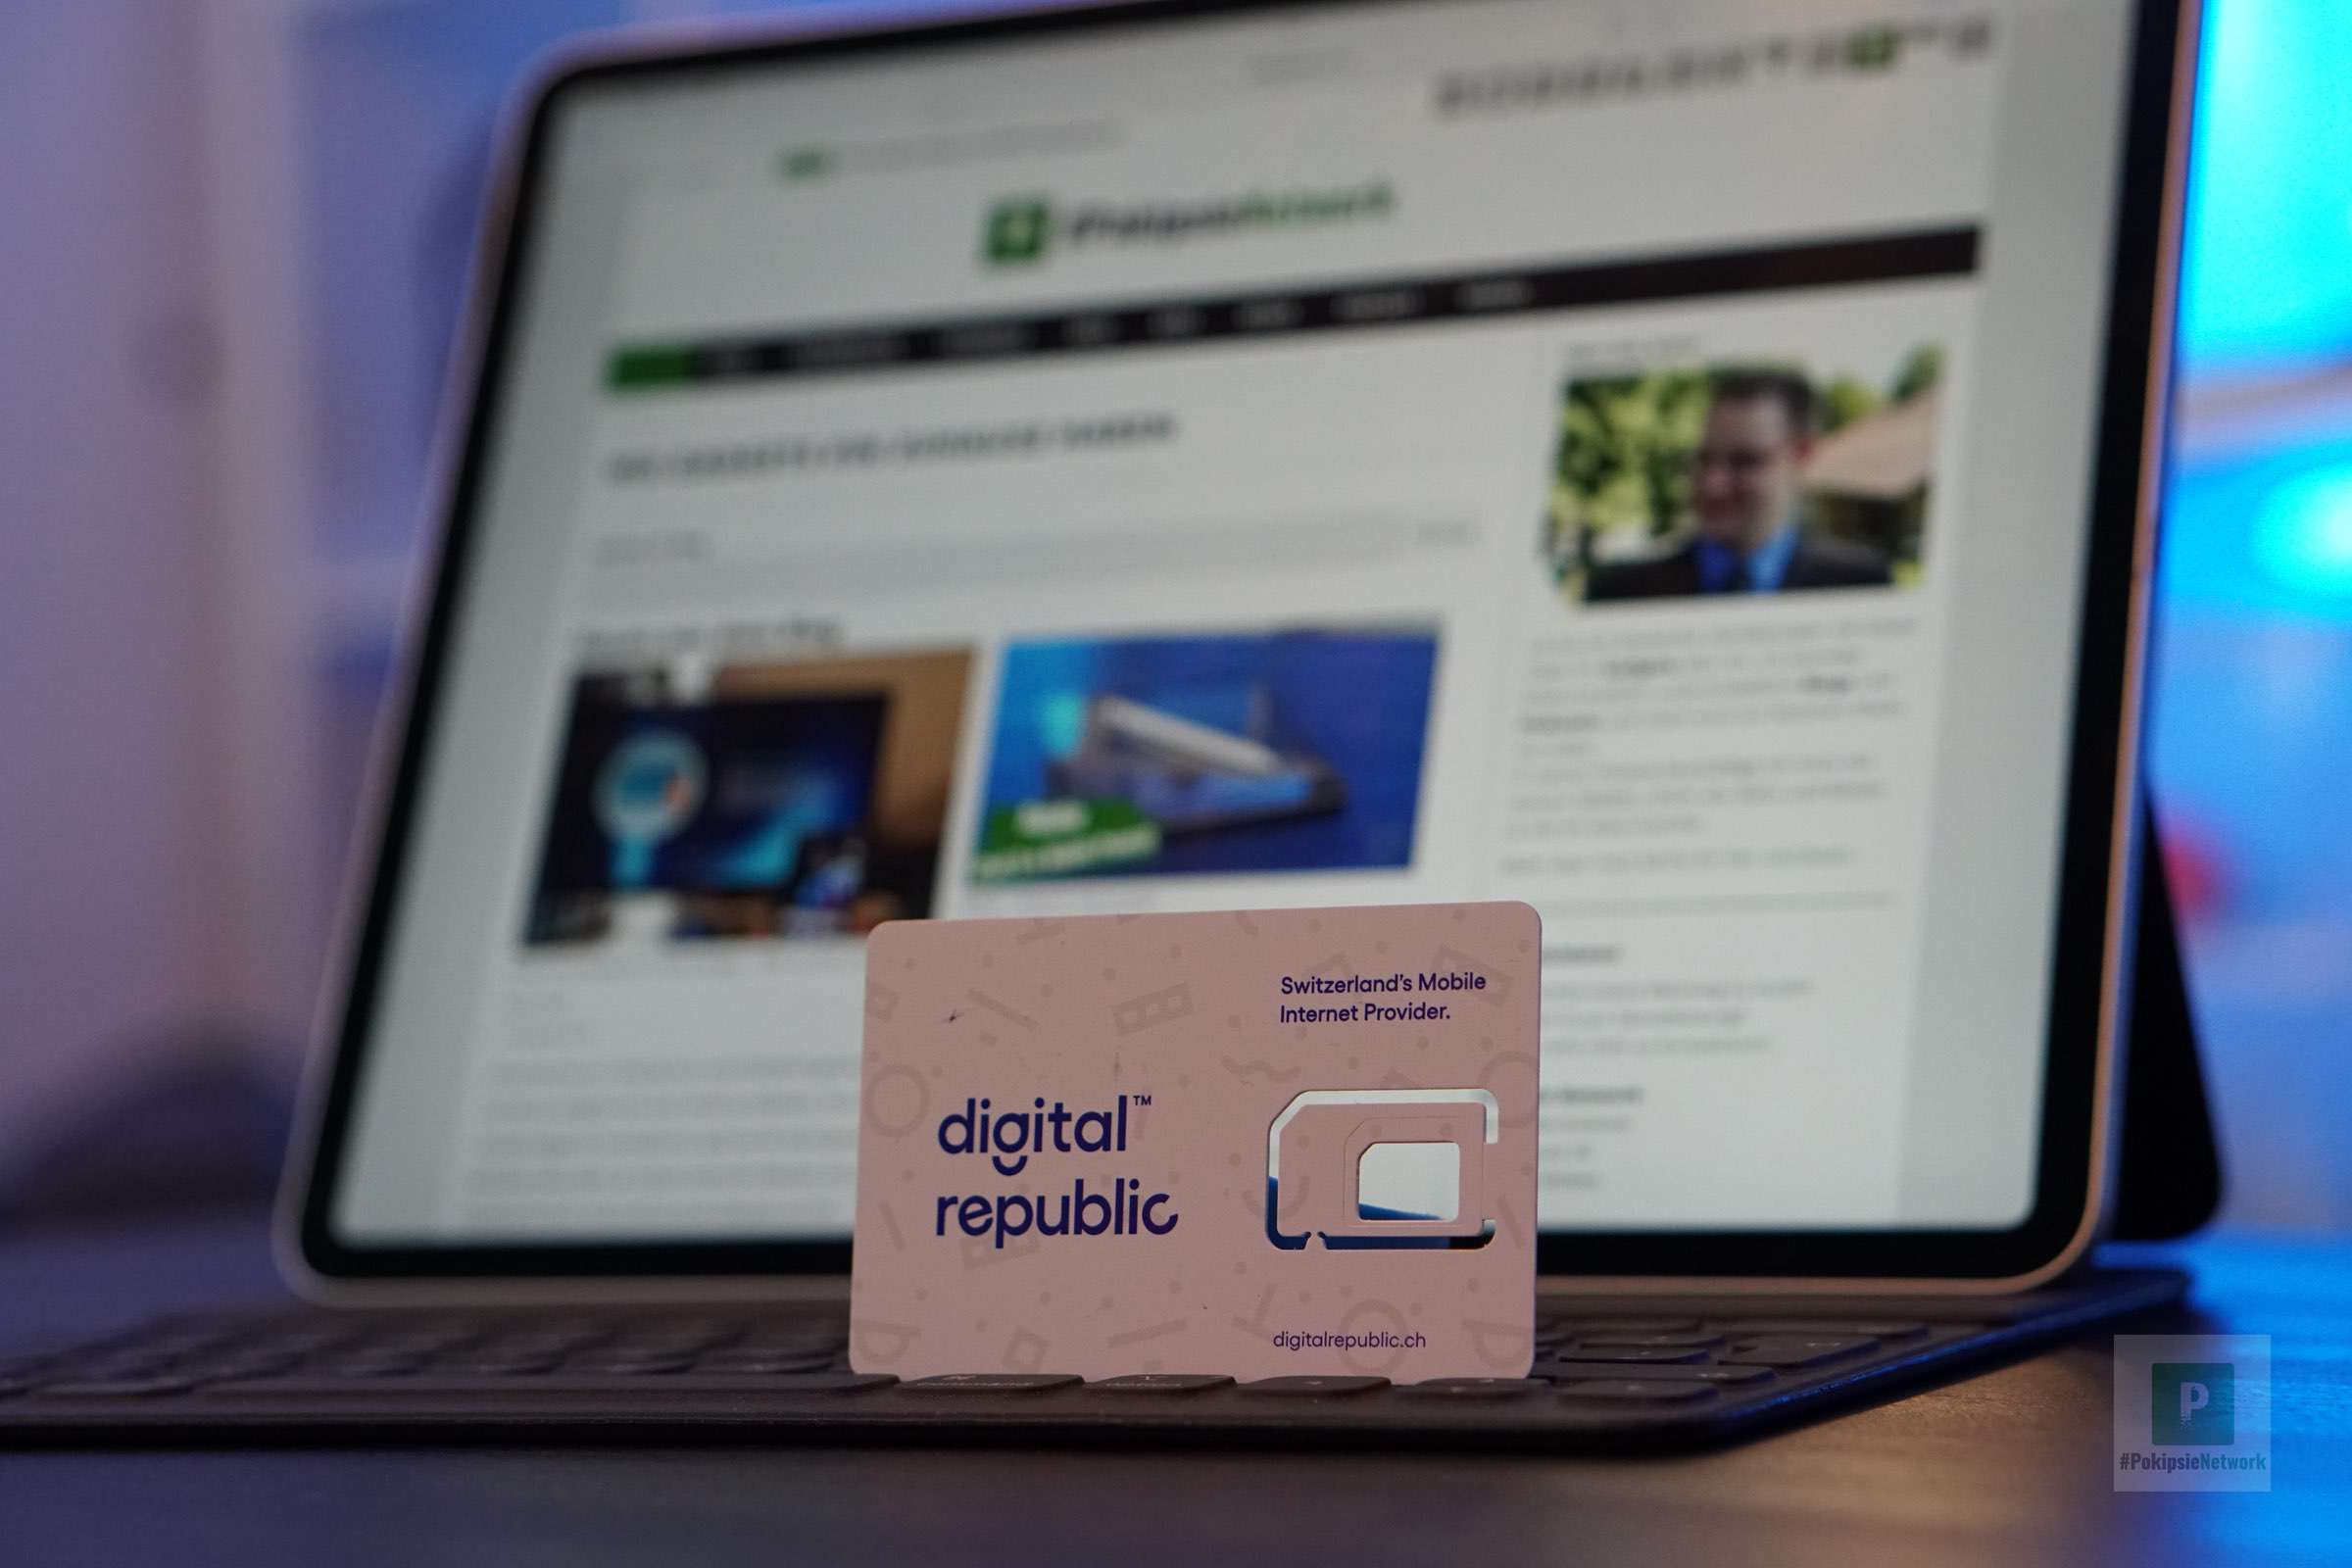 Digital Republic - Datenplan fuer die Schweiz